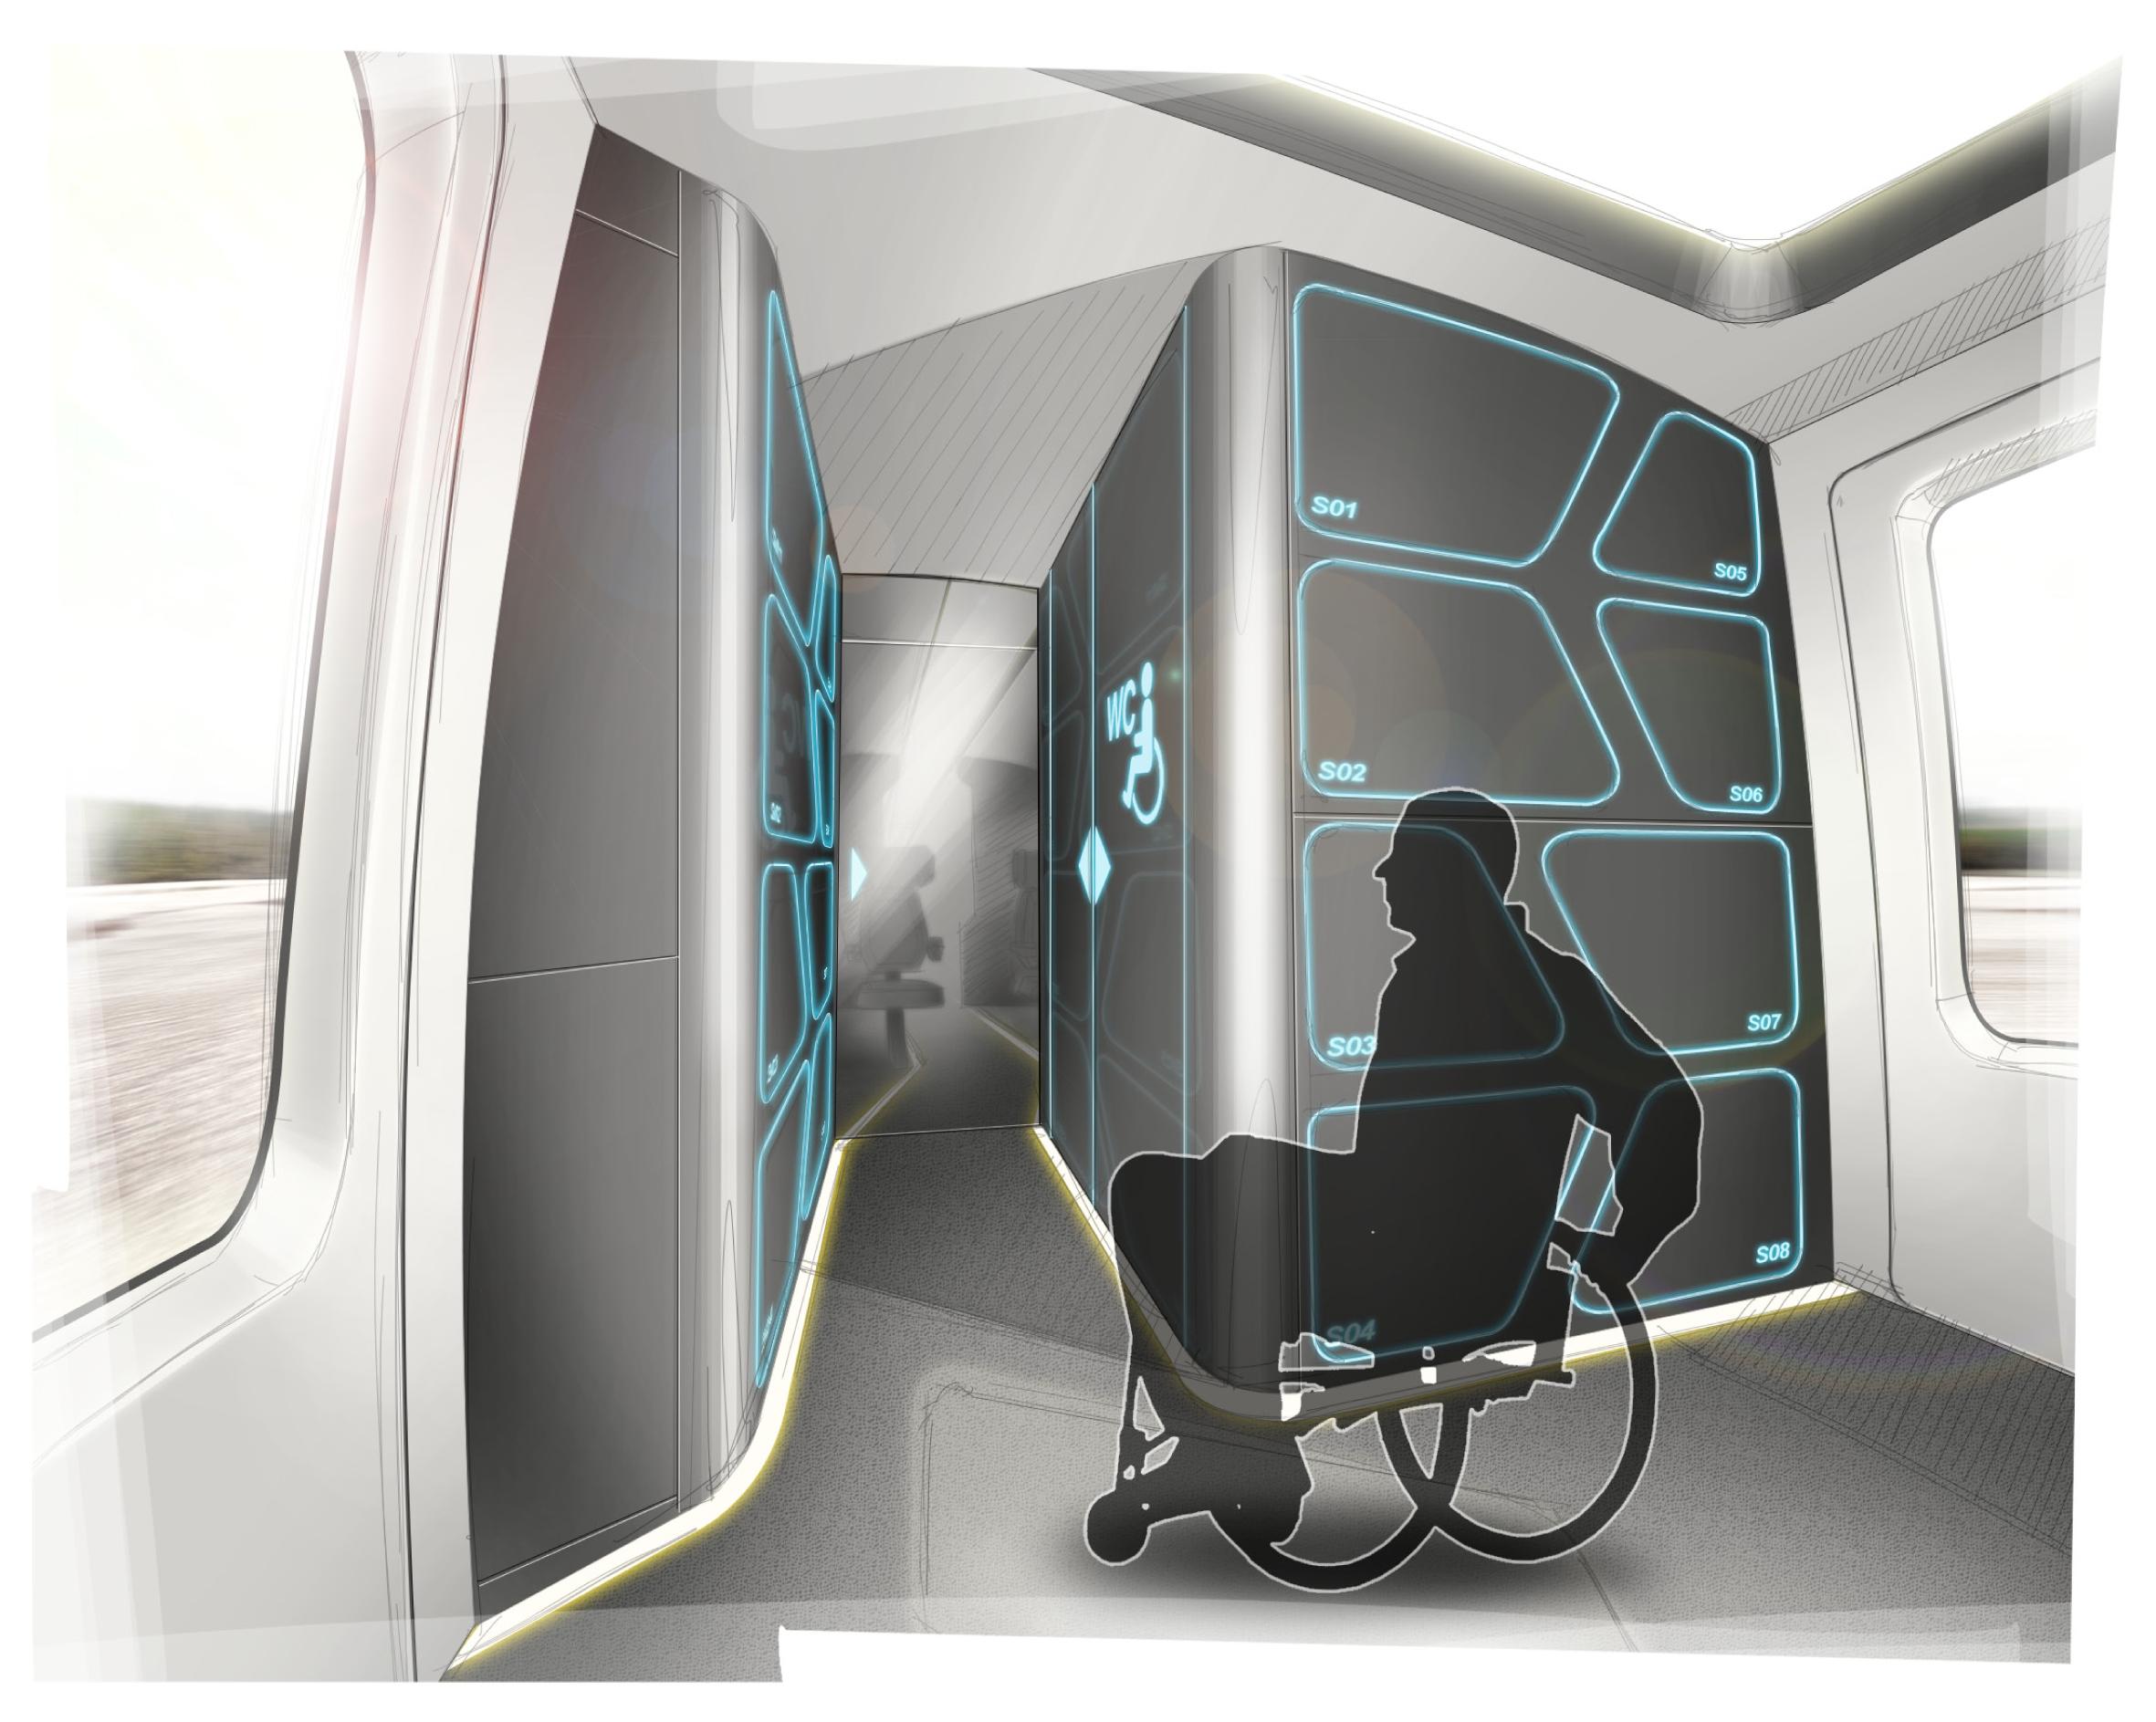 thcx-eingangsbereich-hochgeschwindigkeitszug